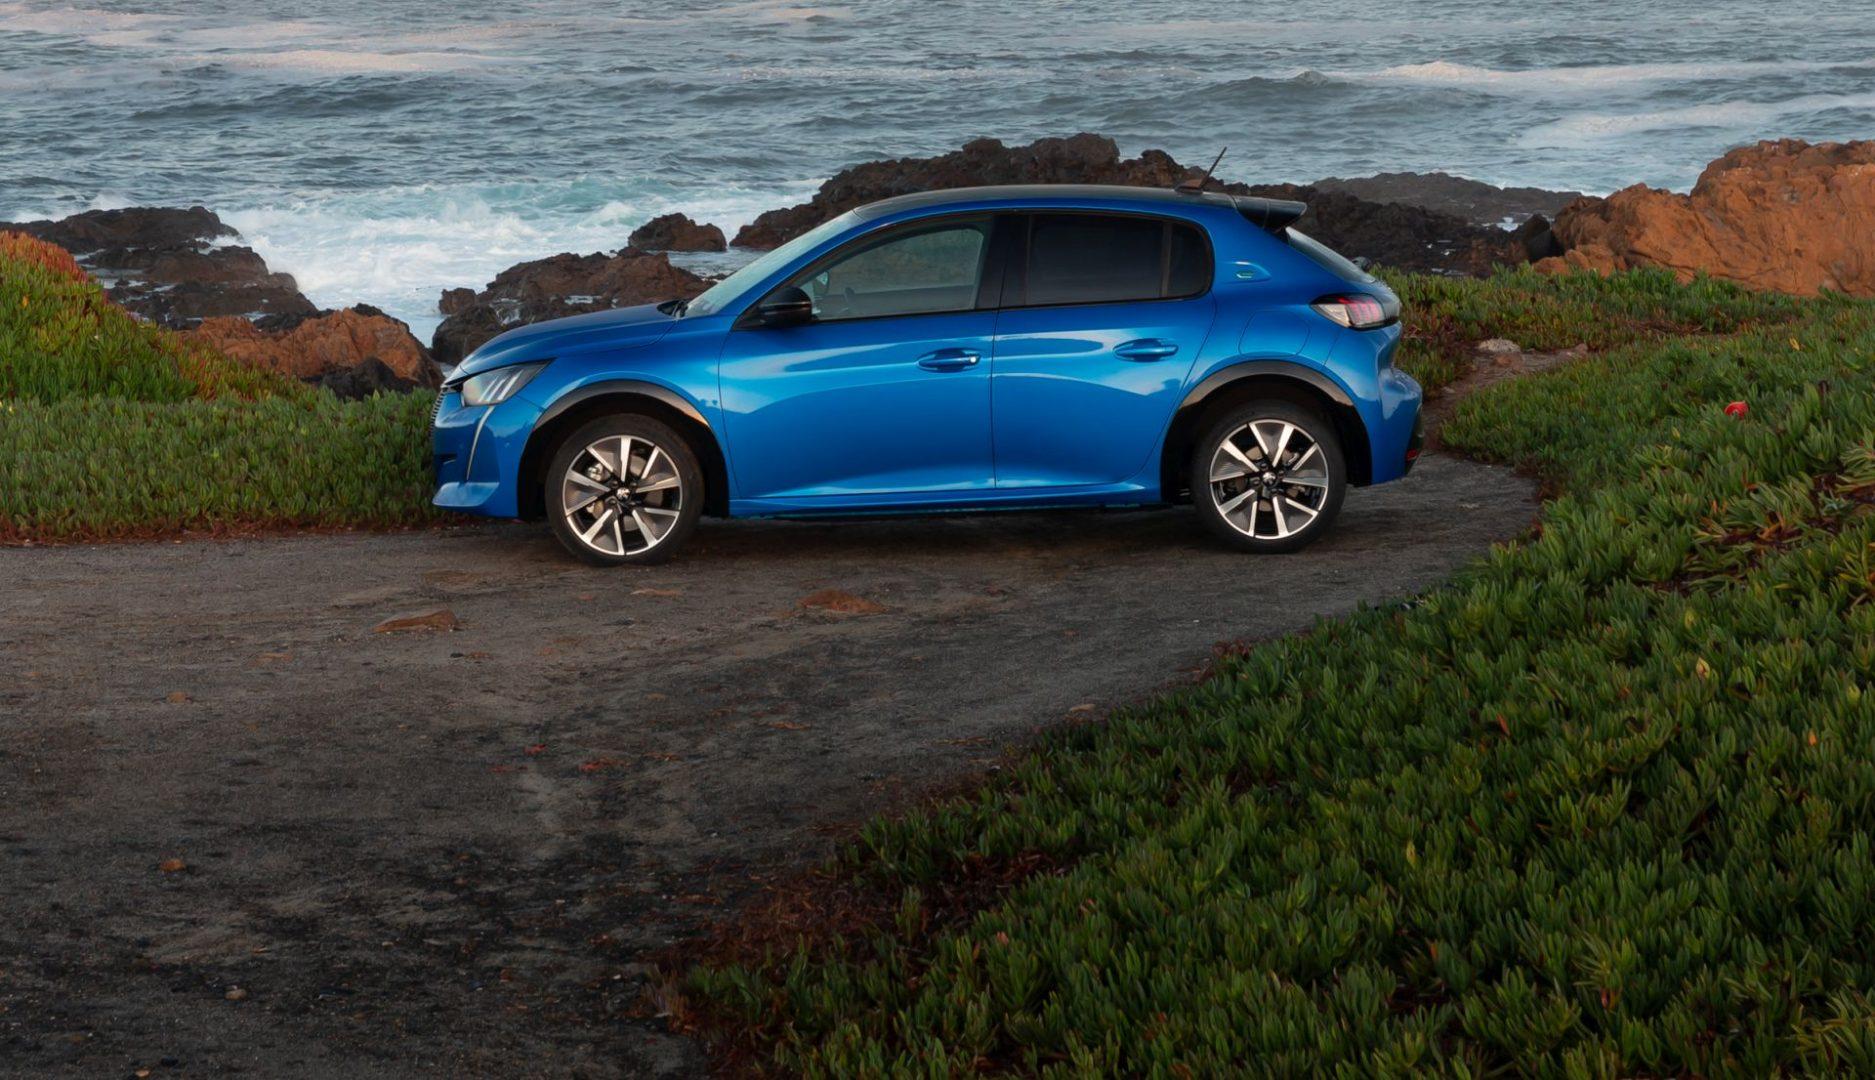 30. lipnja kreću poticaji: 70.000 kuna za kupnju električnog automobila